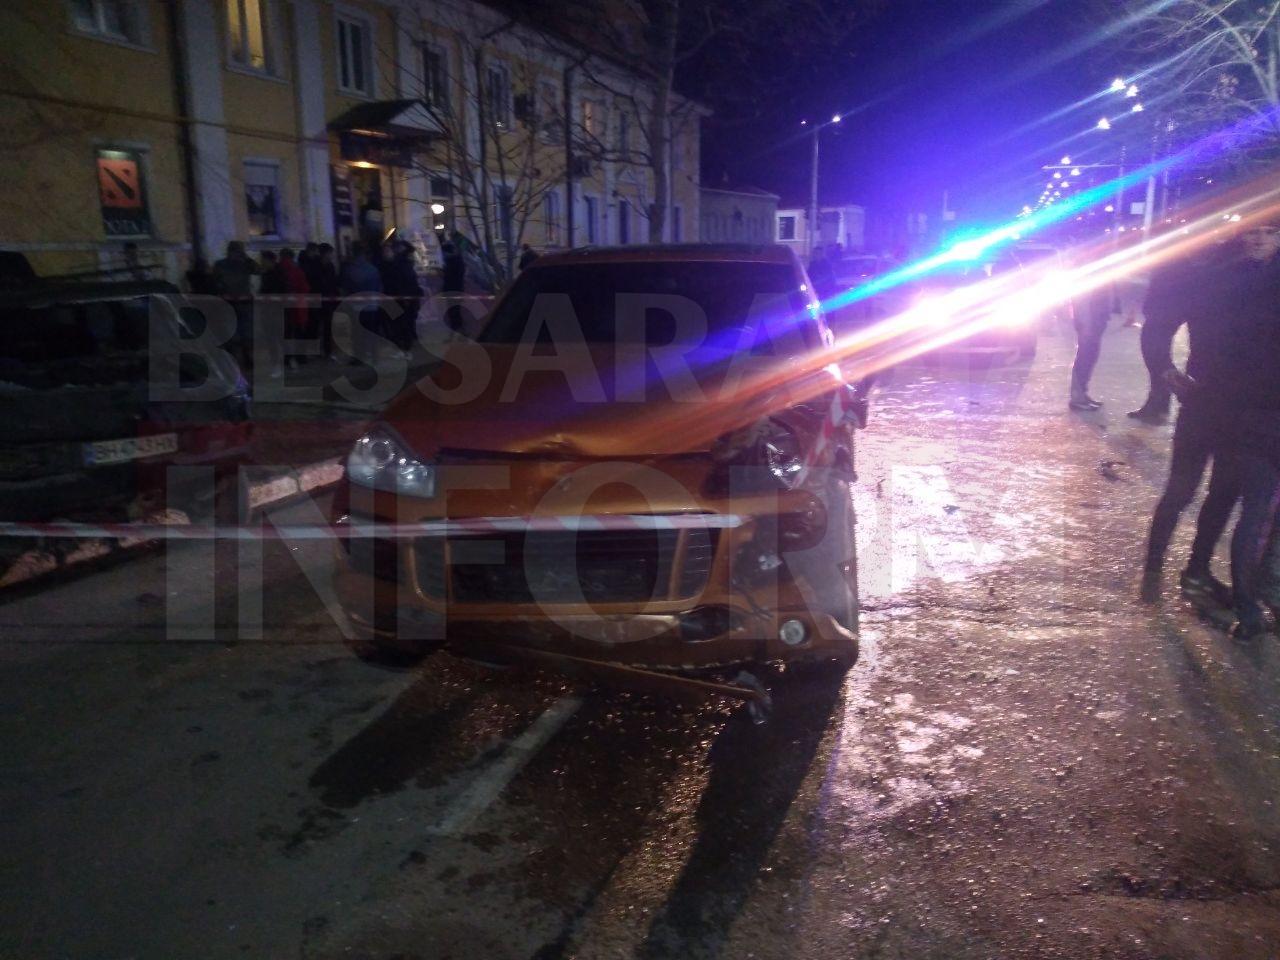 200 км\час: в Измаиле Porsche Cayenne, уходя от погони, спровоцировал масштабное ДТП